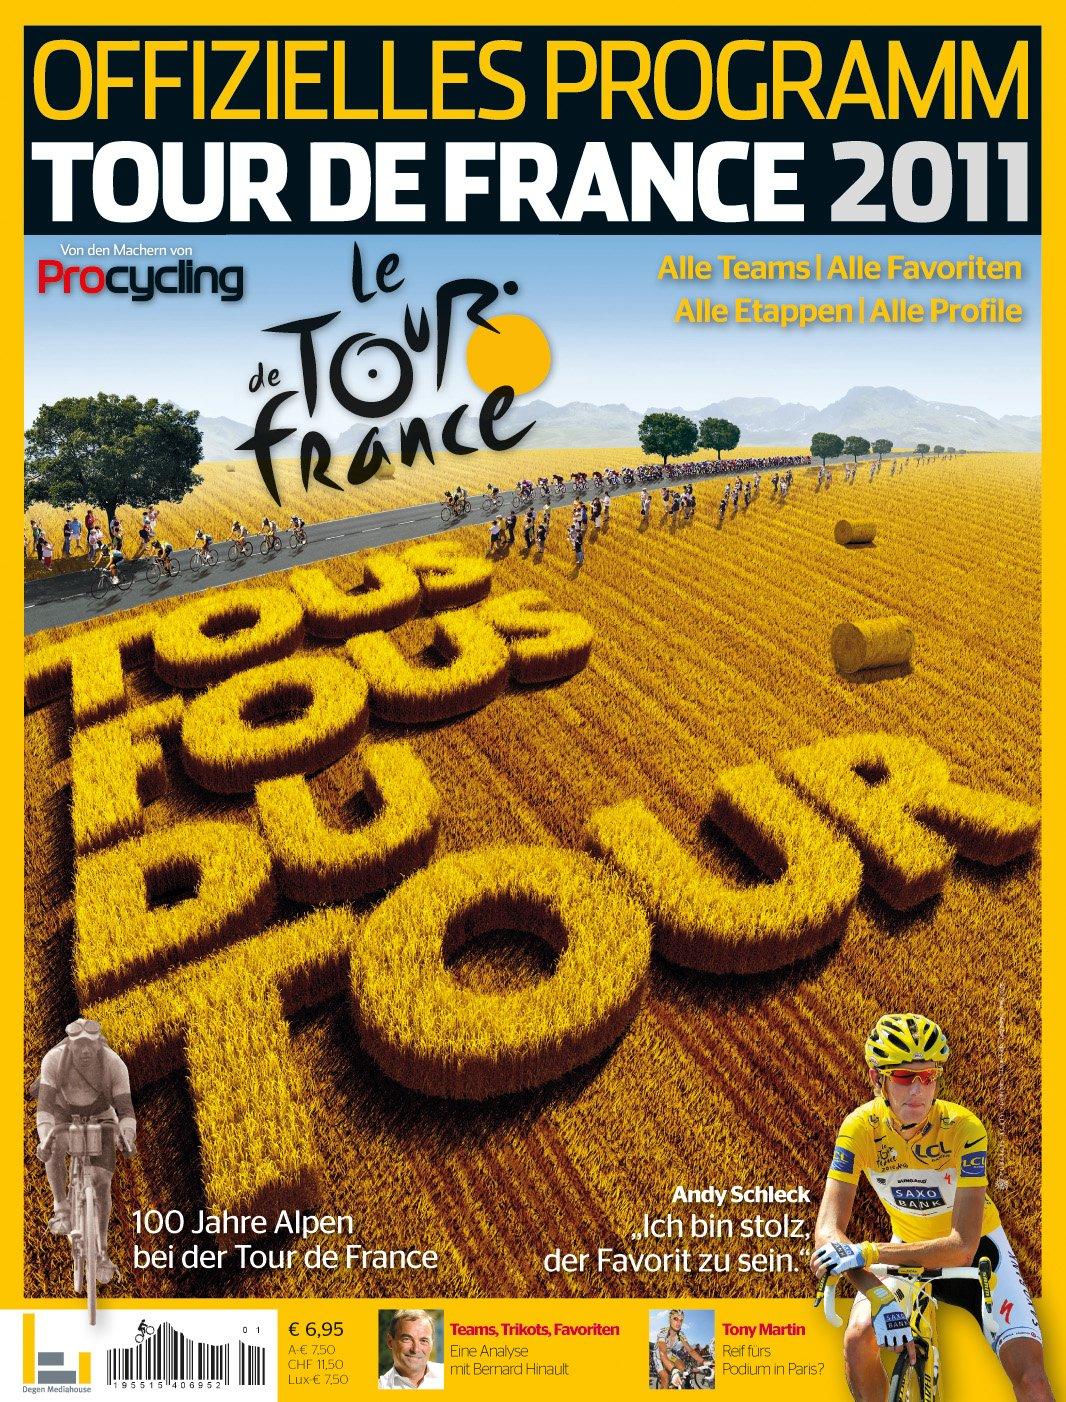 offizielles-programm-tour-de-france-2011